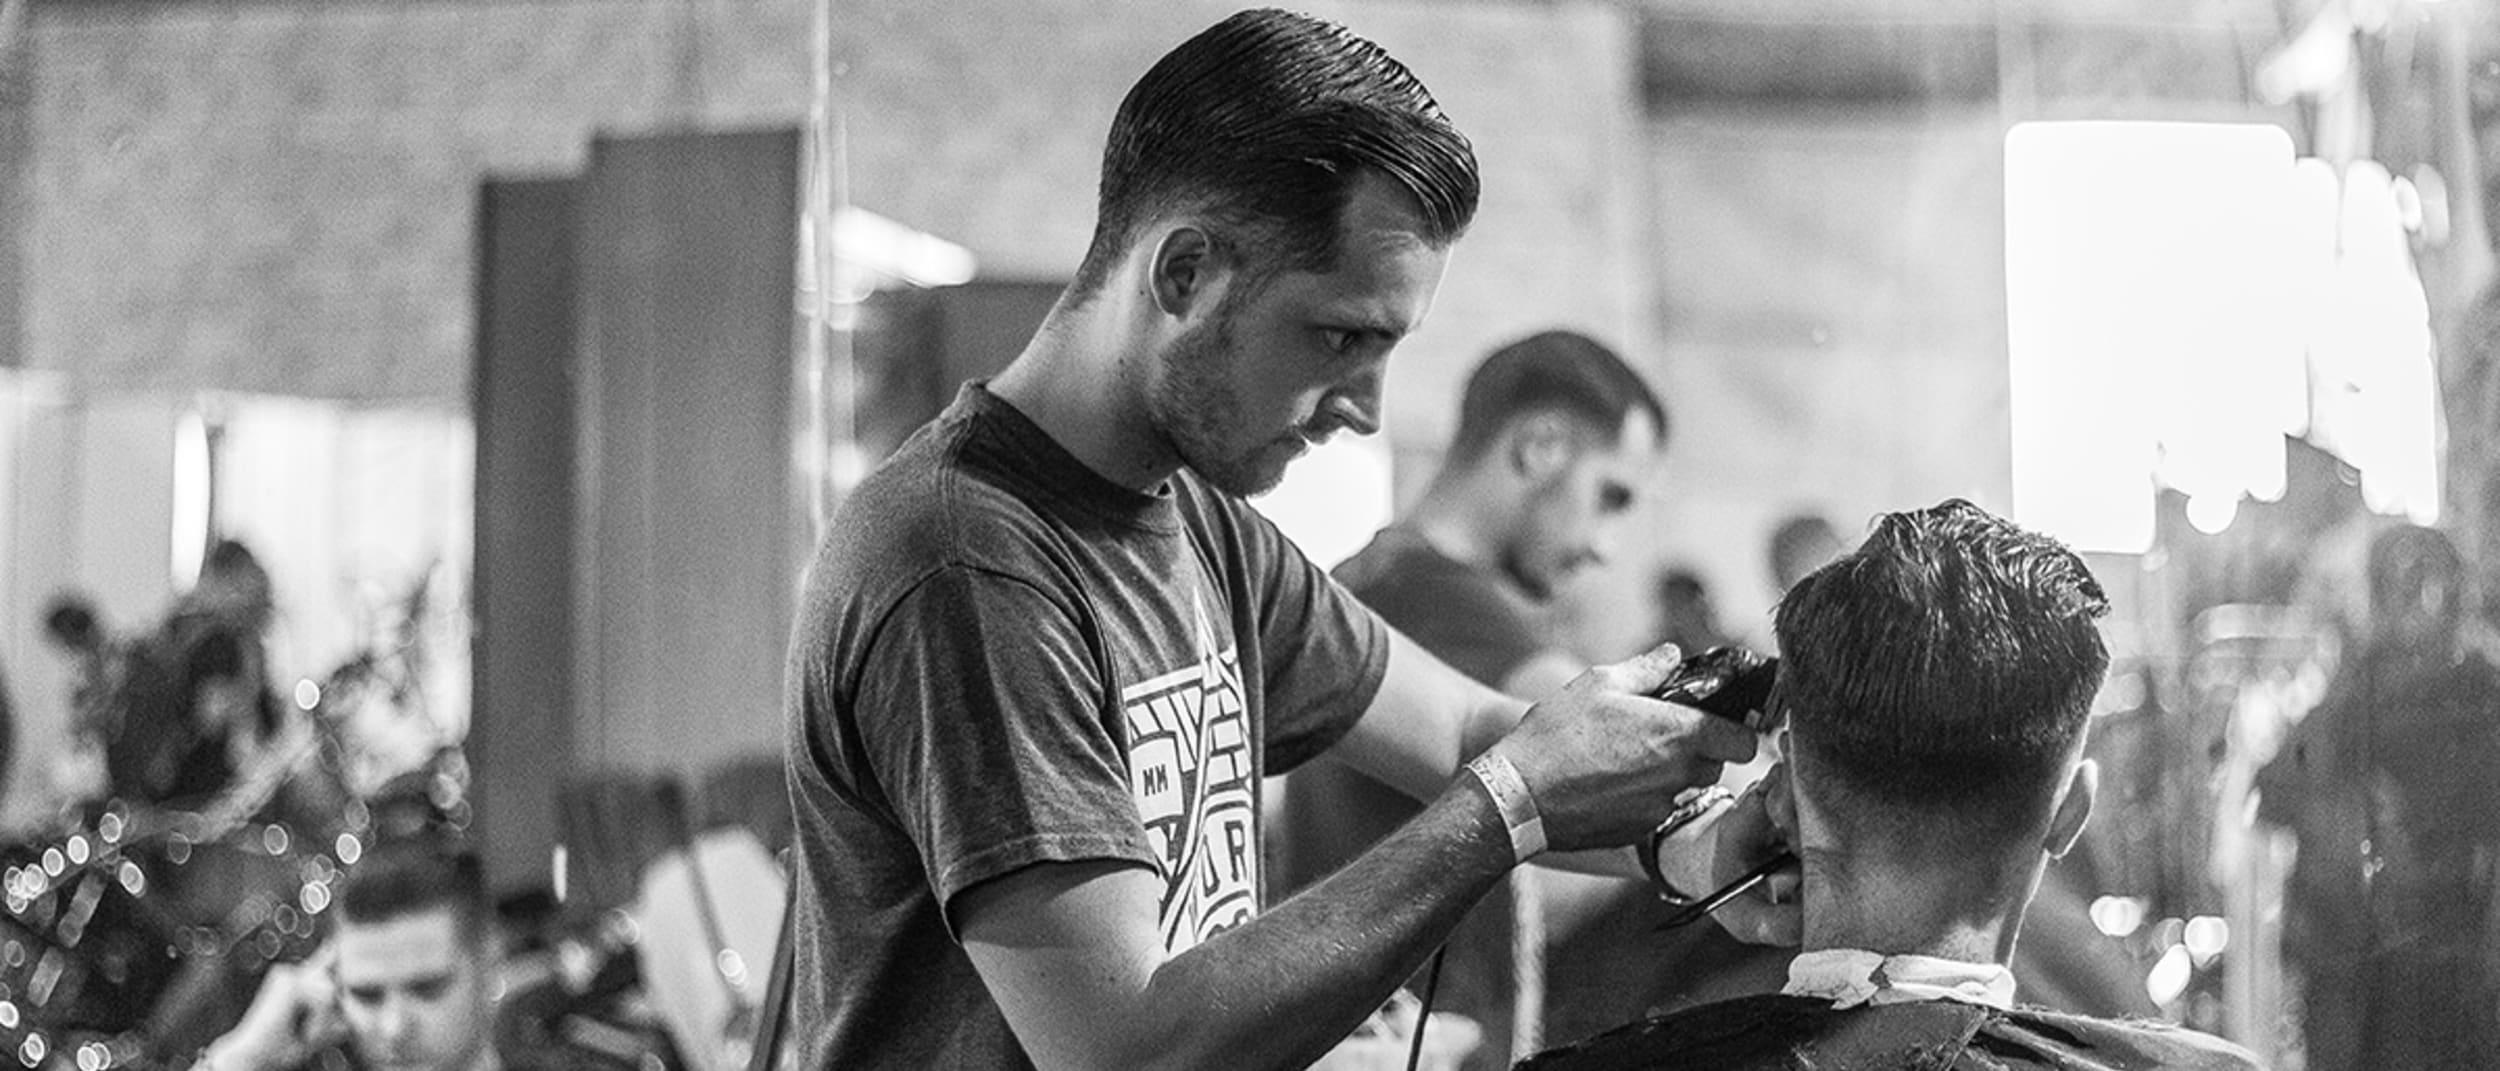 Man getting his hair cut at a barber shop.